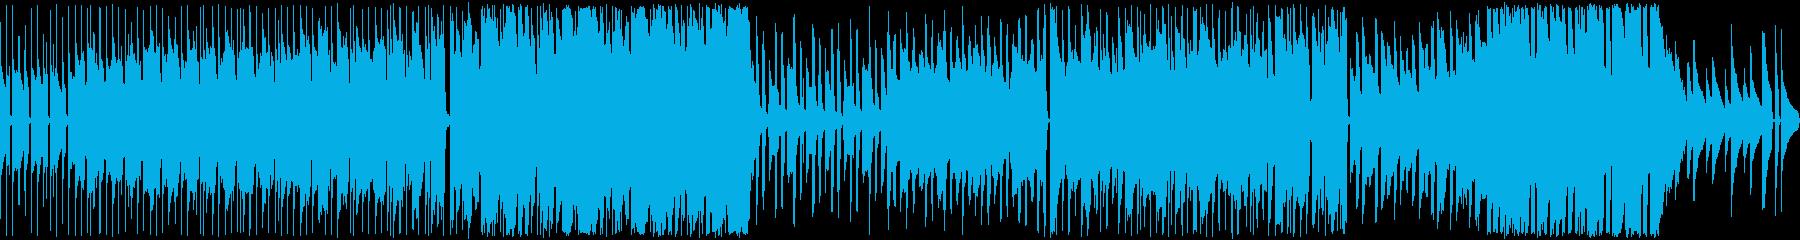 陽気でどこか呑気なアコーディオンBGMの再生済みの波形